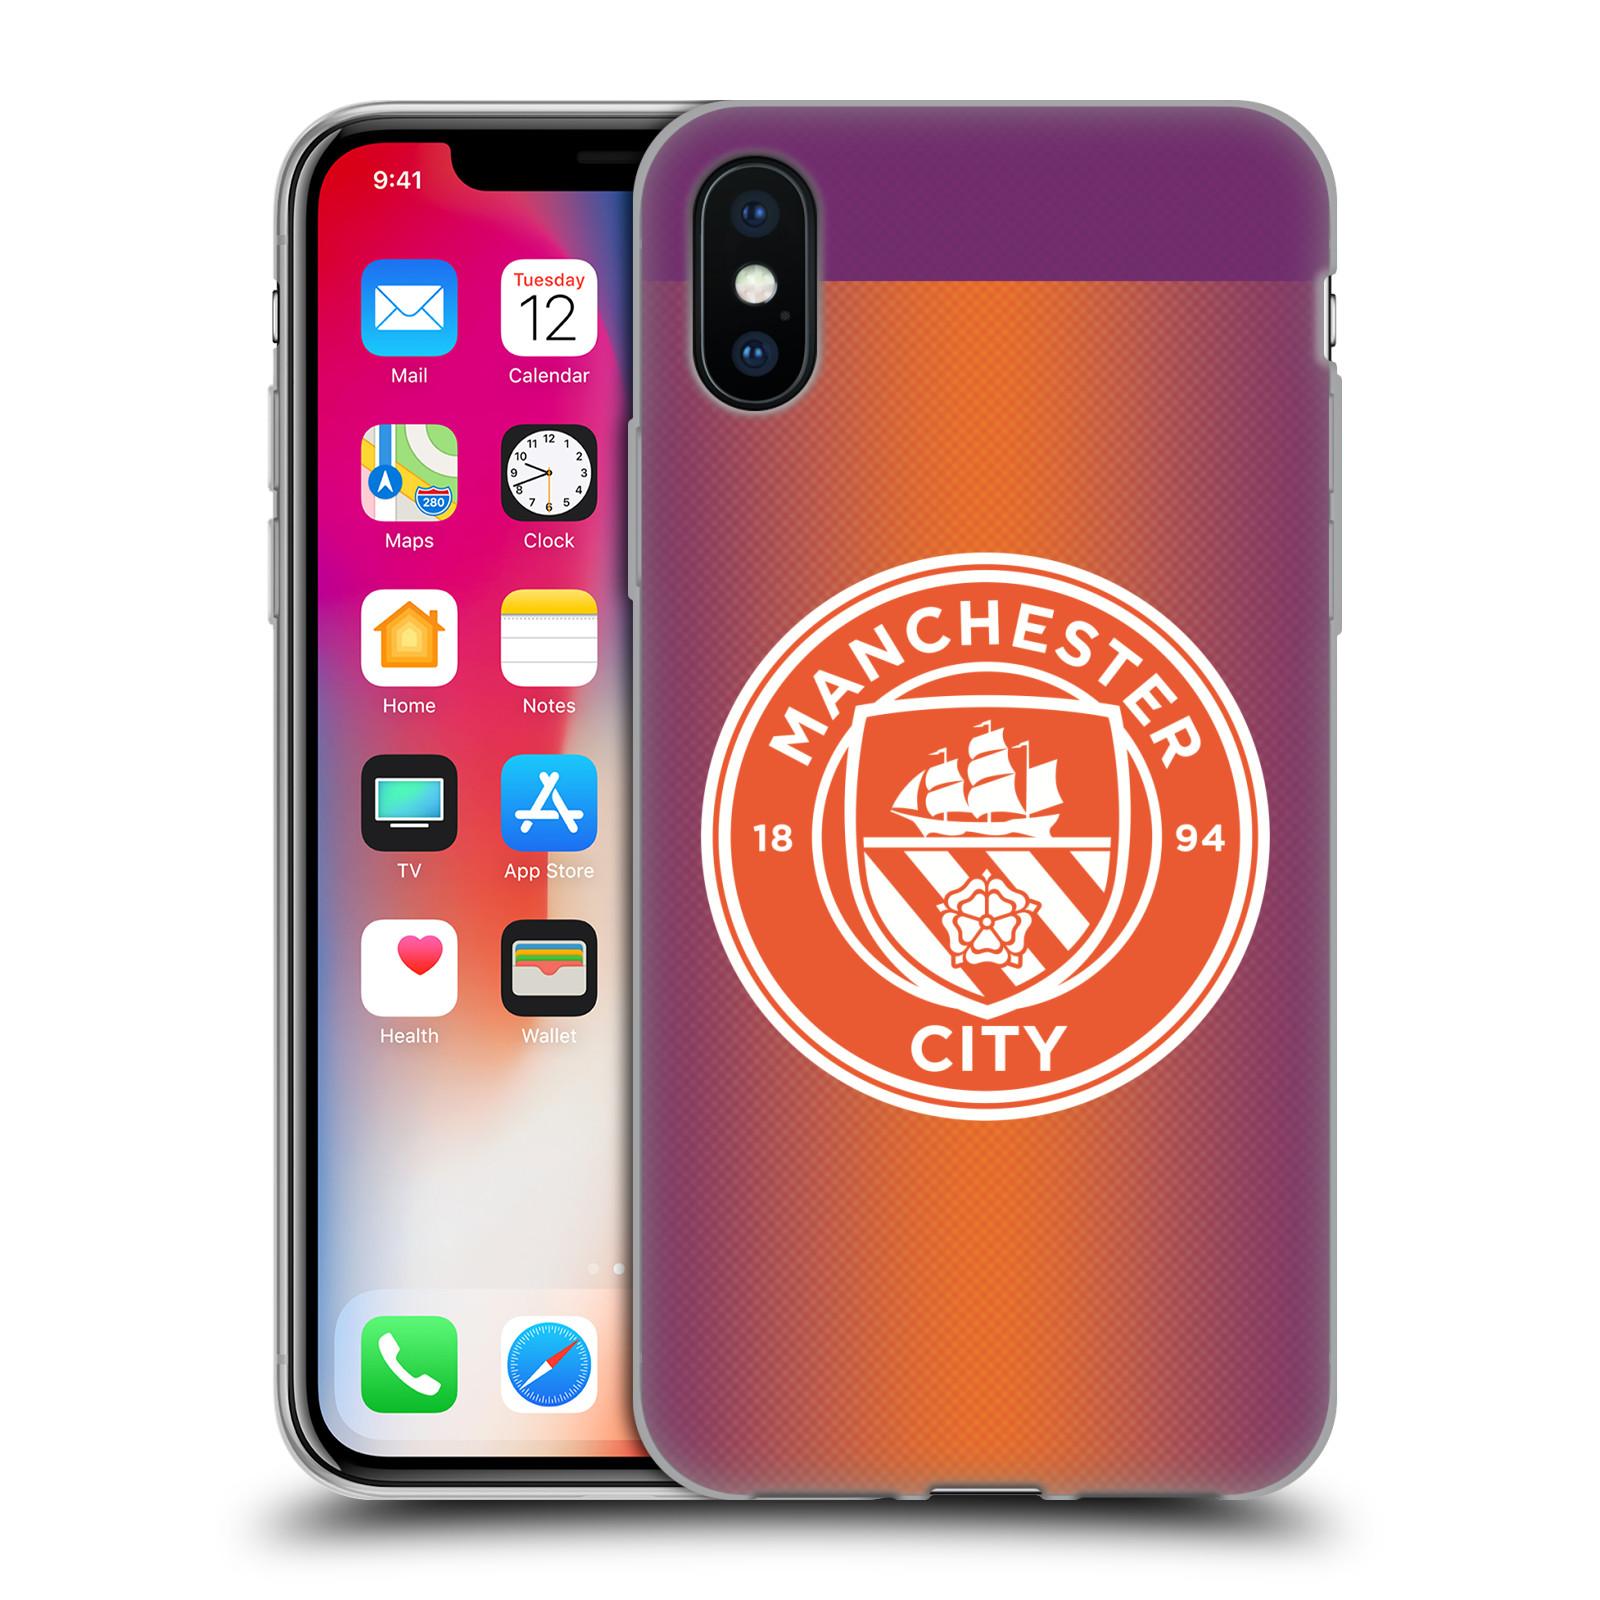 Silikonové pouzdro na mobil Apple iPhone XS - Head Case - Manchester City FC - Oranžové nové logo